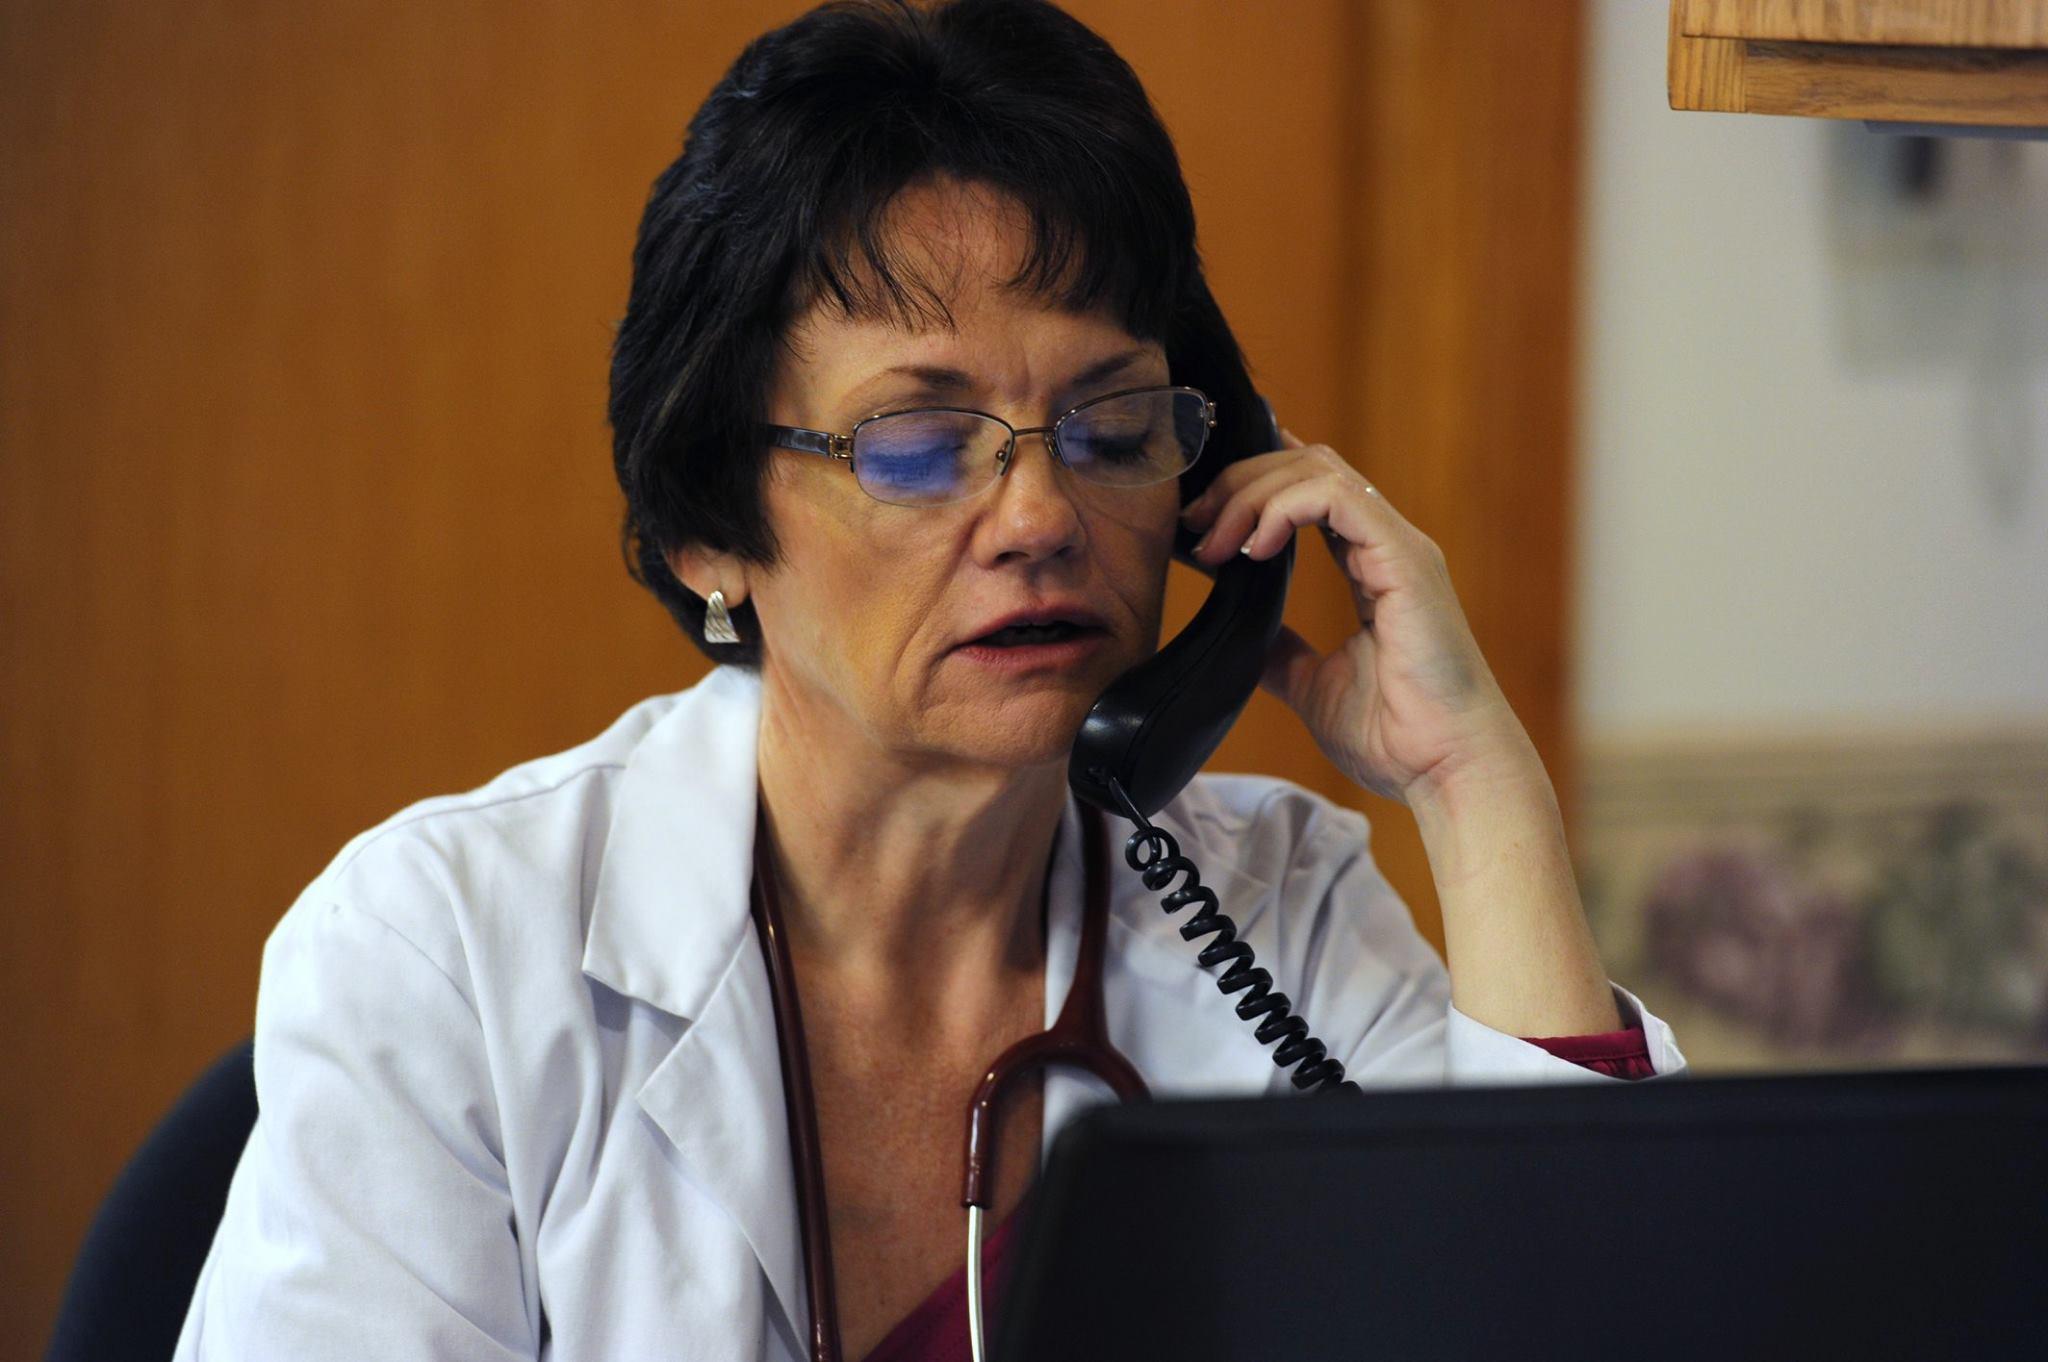 Dr. Rife on phone.jpg